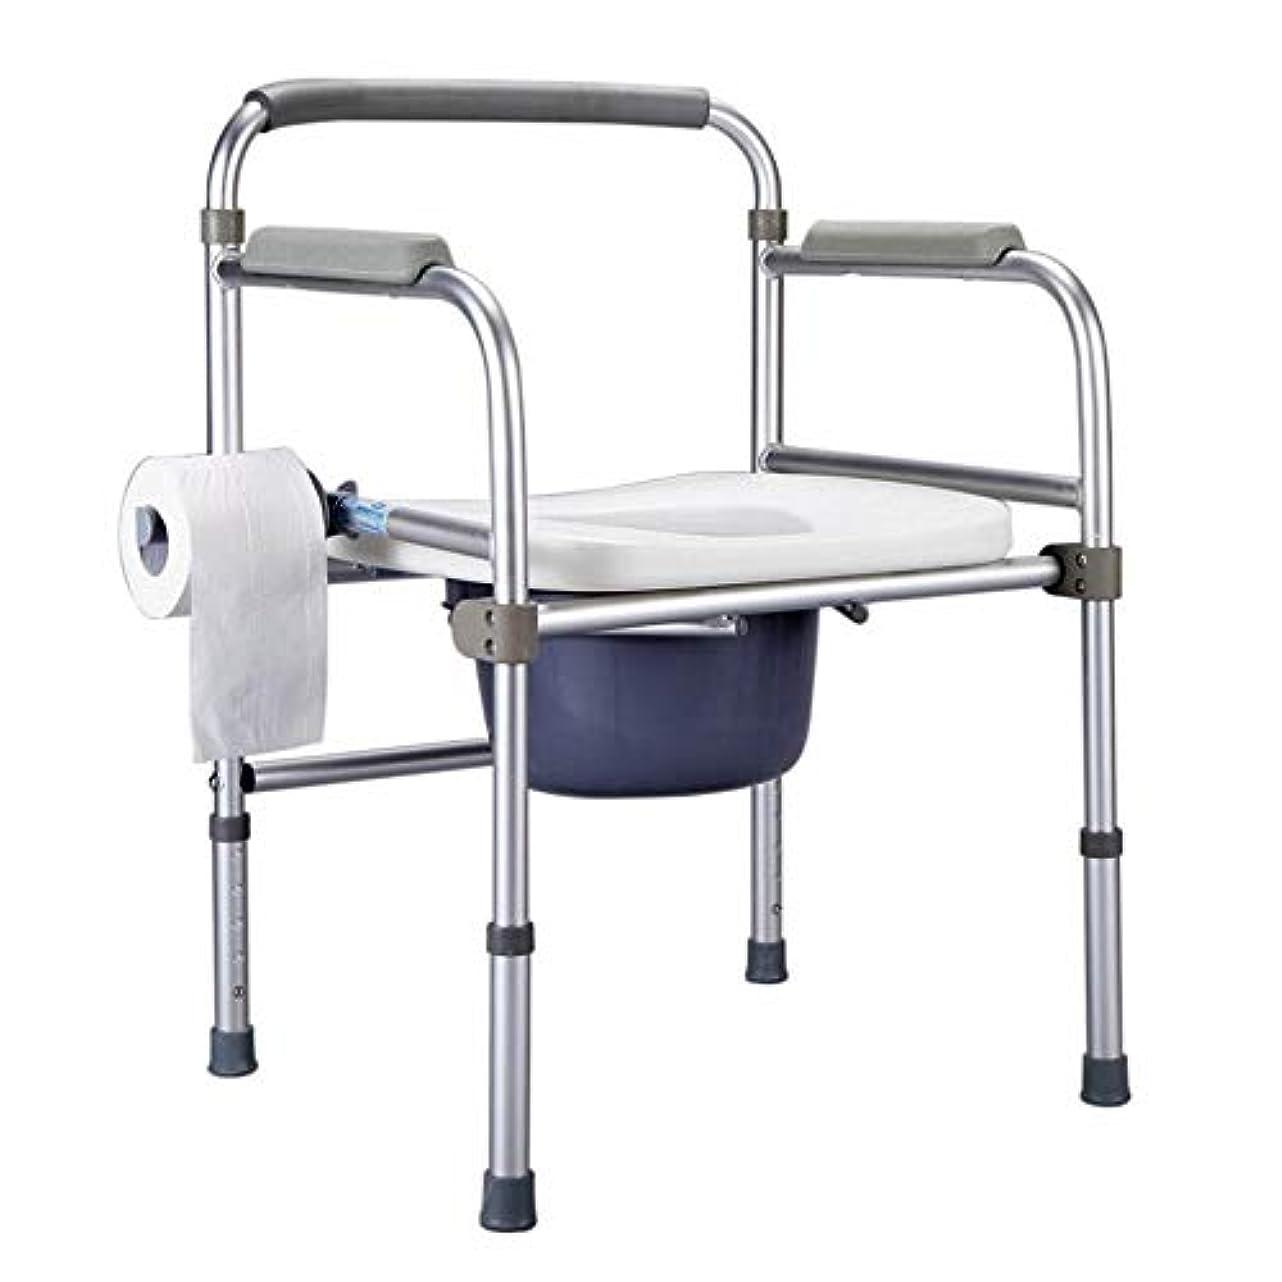 定常バブルソートポータブル折りたたみ椅子椅子とサラウンドトイレ老人移動トイレチェアペーパータオルホルダー付き妊婦シャワーチェア